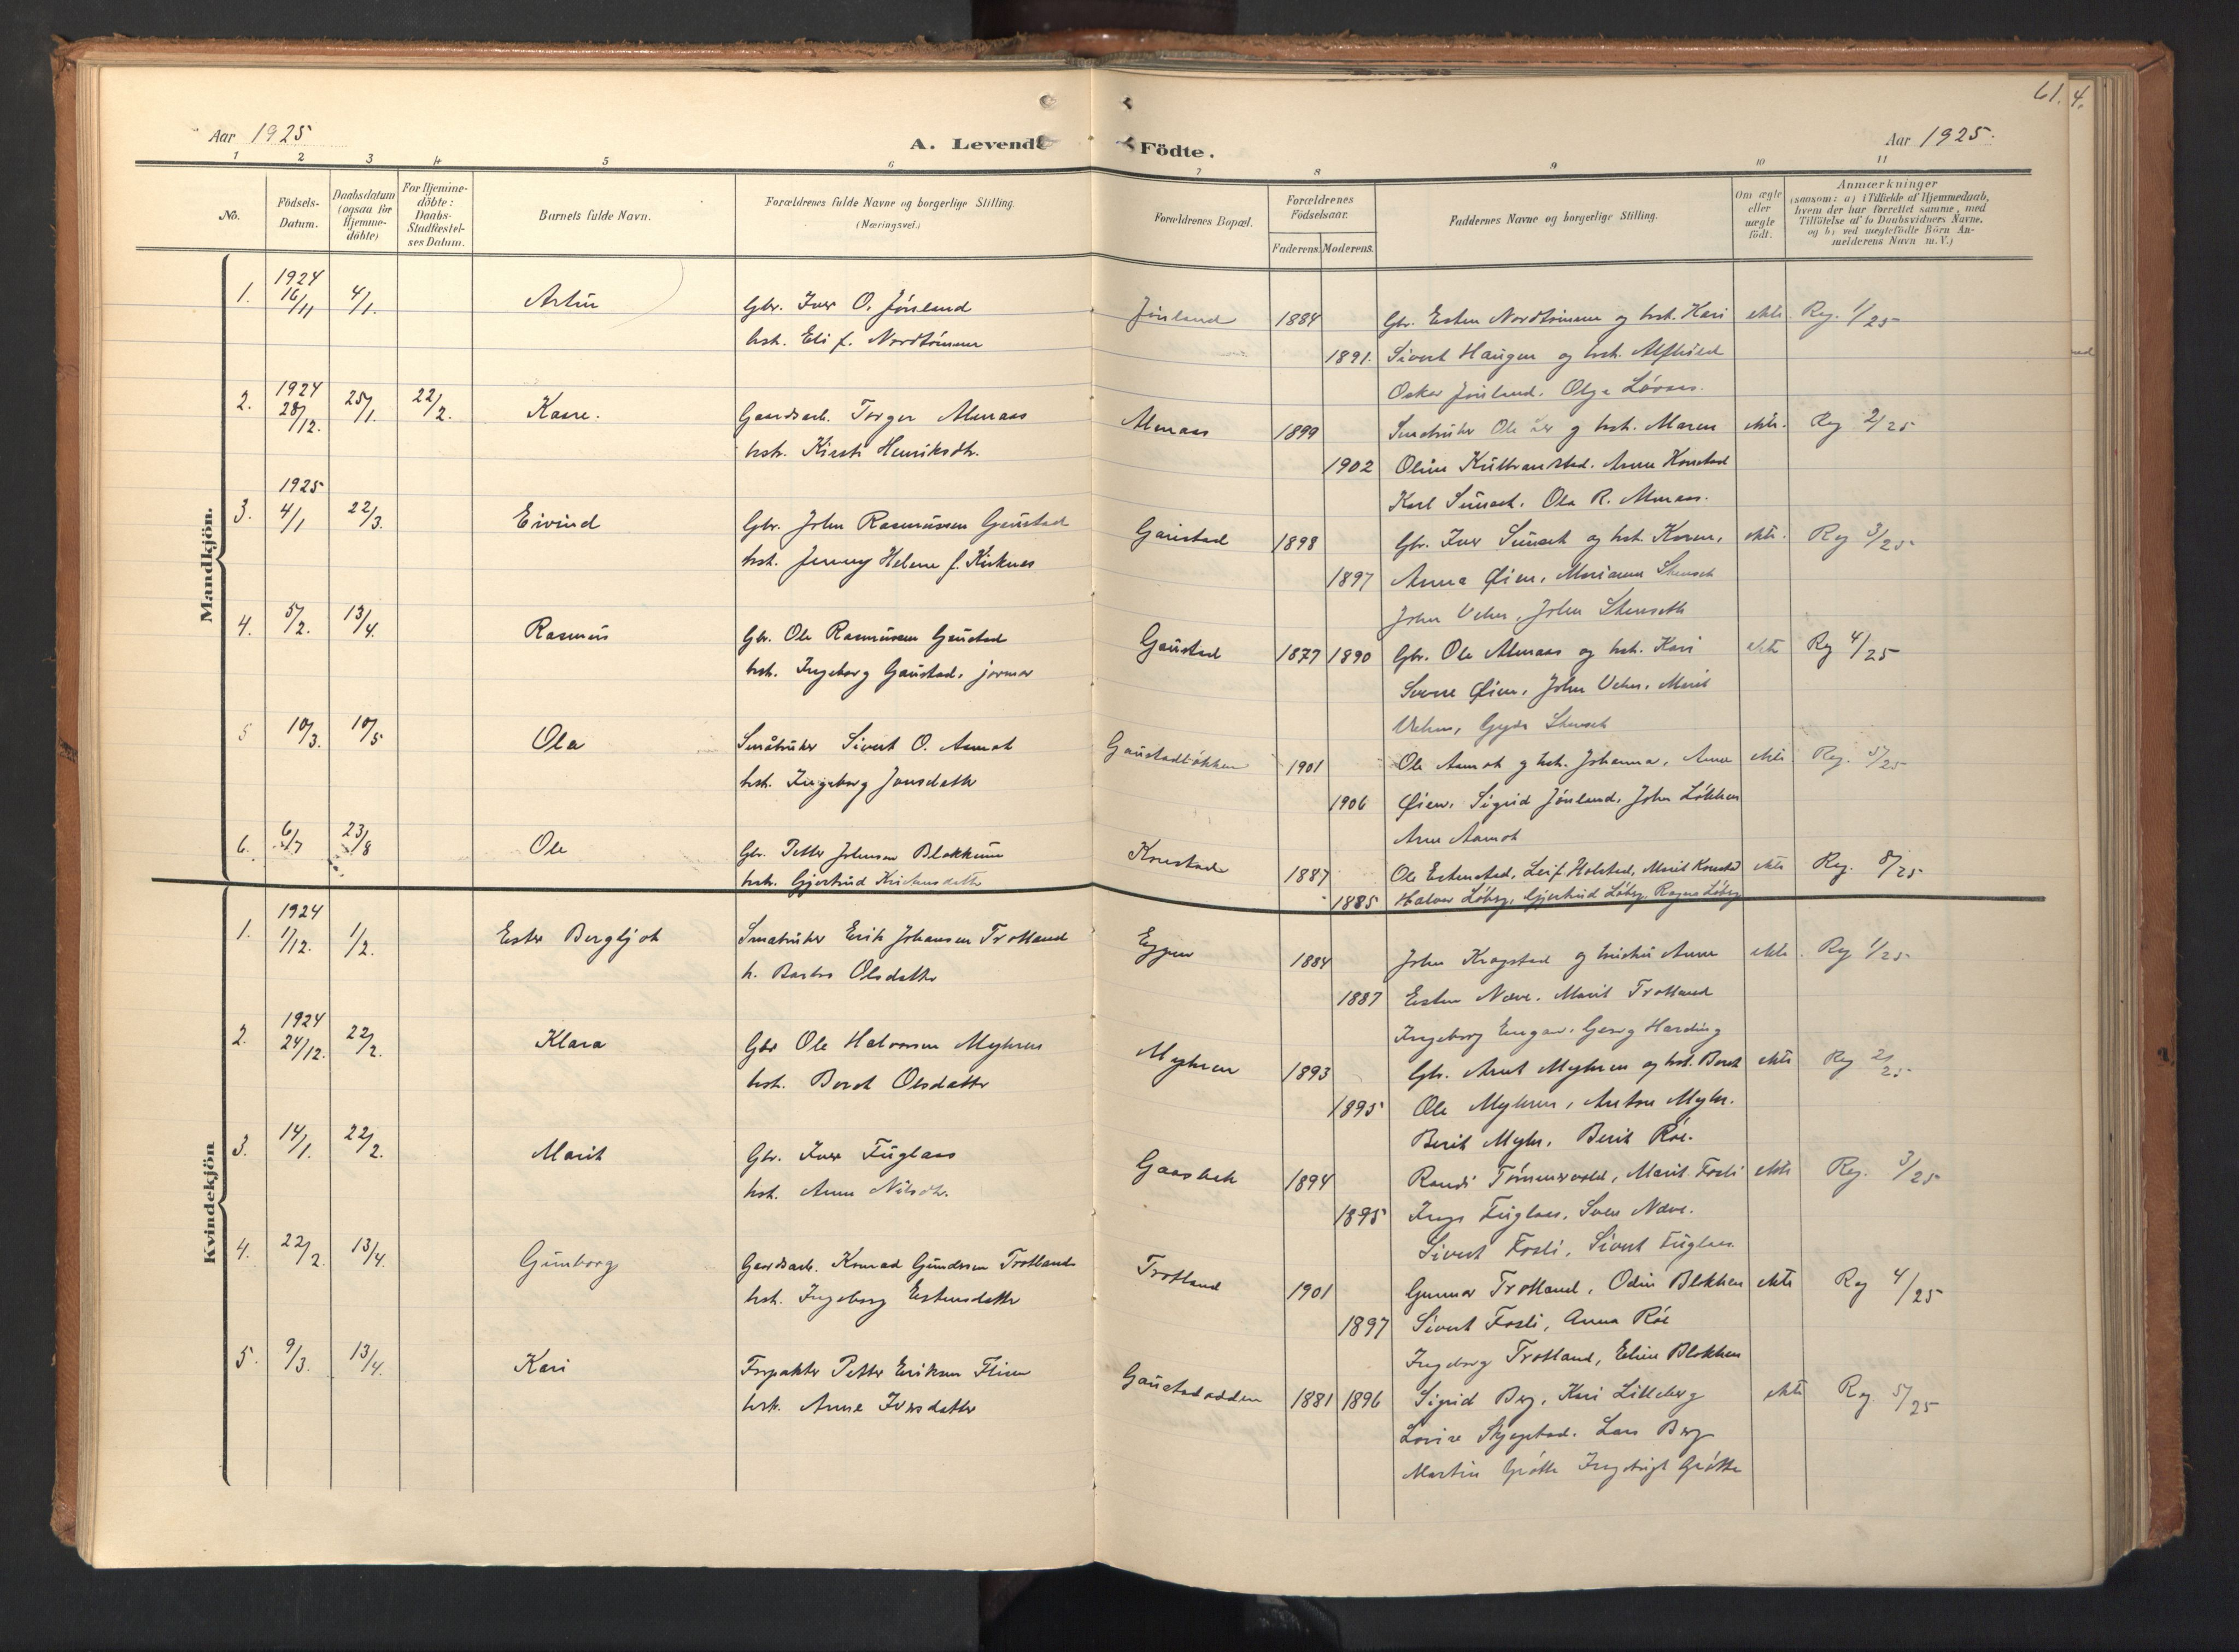 SAT, Ministerialprotokoller, klokkerbøker og fødselsregistre - Sør-Trøndelag, 694/L1128: Ministerialbok nr. 694A02, 1906-1931, s. 61